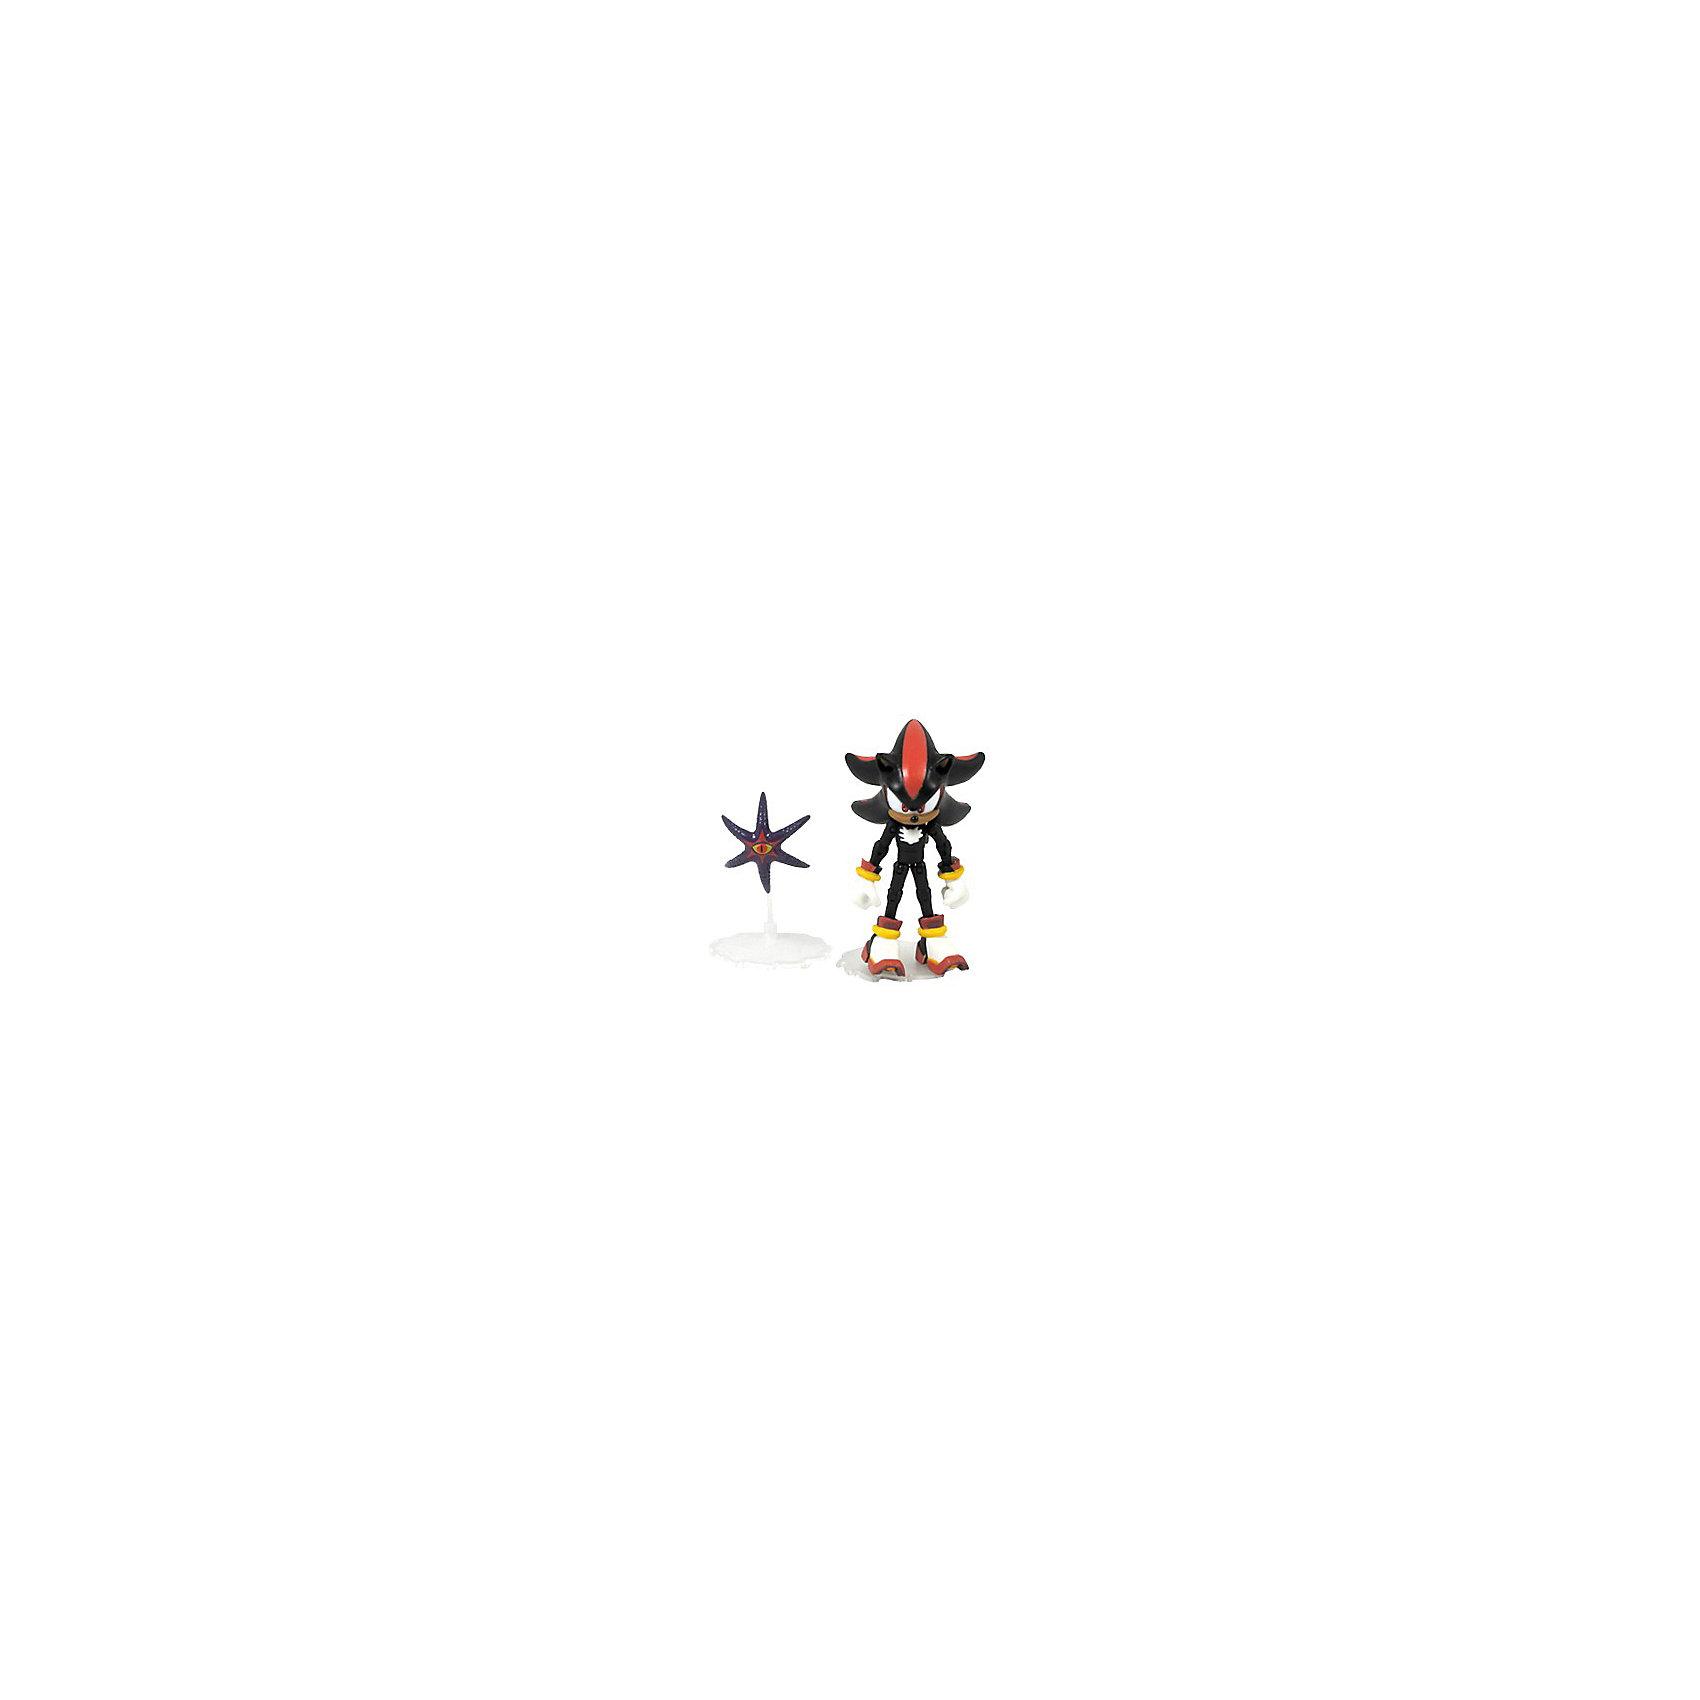 Фигурка Соник, 9смФигурка Соник, 9см – это фирменная фигурка из серии Соник, Шэдоу со звездой Думсай.<br>Фигурка Соник привлечет внимание вашего ребенка и не позволит ему скучать. Она выполнена из безопасного пластика черного и красного цветов в виде ежа Шэдоу - персонажа видеоигр, комиксов и мультфильмов. Фигурка обладает множеством точек артикуляции: сжимаются ладони, подвижные ноги и руки. В комплект также входит дополнительный аксессуар для игры с Шэдоу - фигурка в виде черной морской звезды. Ваш малыш будет часами играть с фигуркой, придумывая различные истории. Порадуйте его таким замечательным подарком!<br><br>Дополнительная информация:<br><br>- В наборе: фигурка, аксессуар<br>- Материал: пластик<br>- Высота фигурки: 9 см.<br>- Размер упаковки: 7х5х20 см.<br>- Вес: 200 гр.<br><br>Фигурку Соник, 9см можно купить в нашем интернет-магазине.<br><br>Ширина мм: 70<br>Глубина мм: 50<br>Высота мм: 200<br>Вес г: 200<br>Возраст от месяцев: 72<br>Возраст до месяцев: 192<br>Пол: Унисекс<br>Возраст: Детский<br>SKU: 4064777